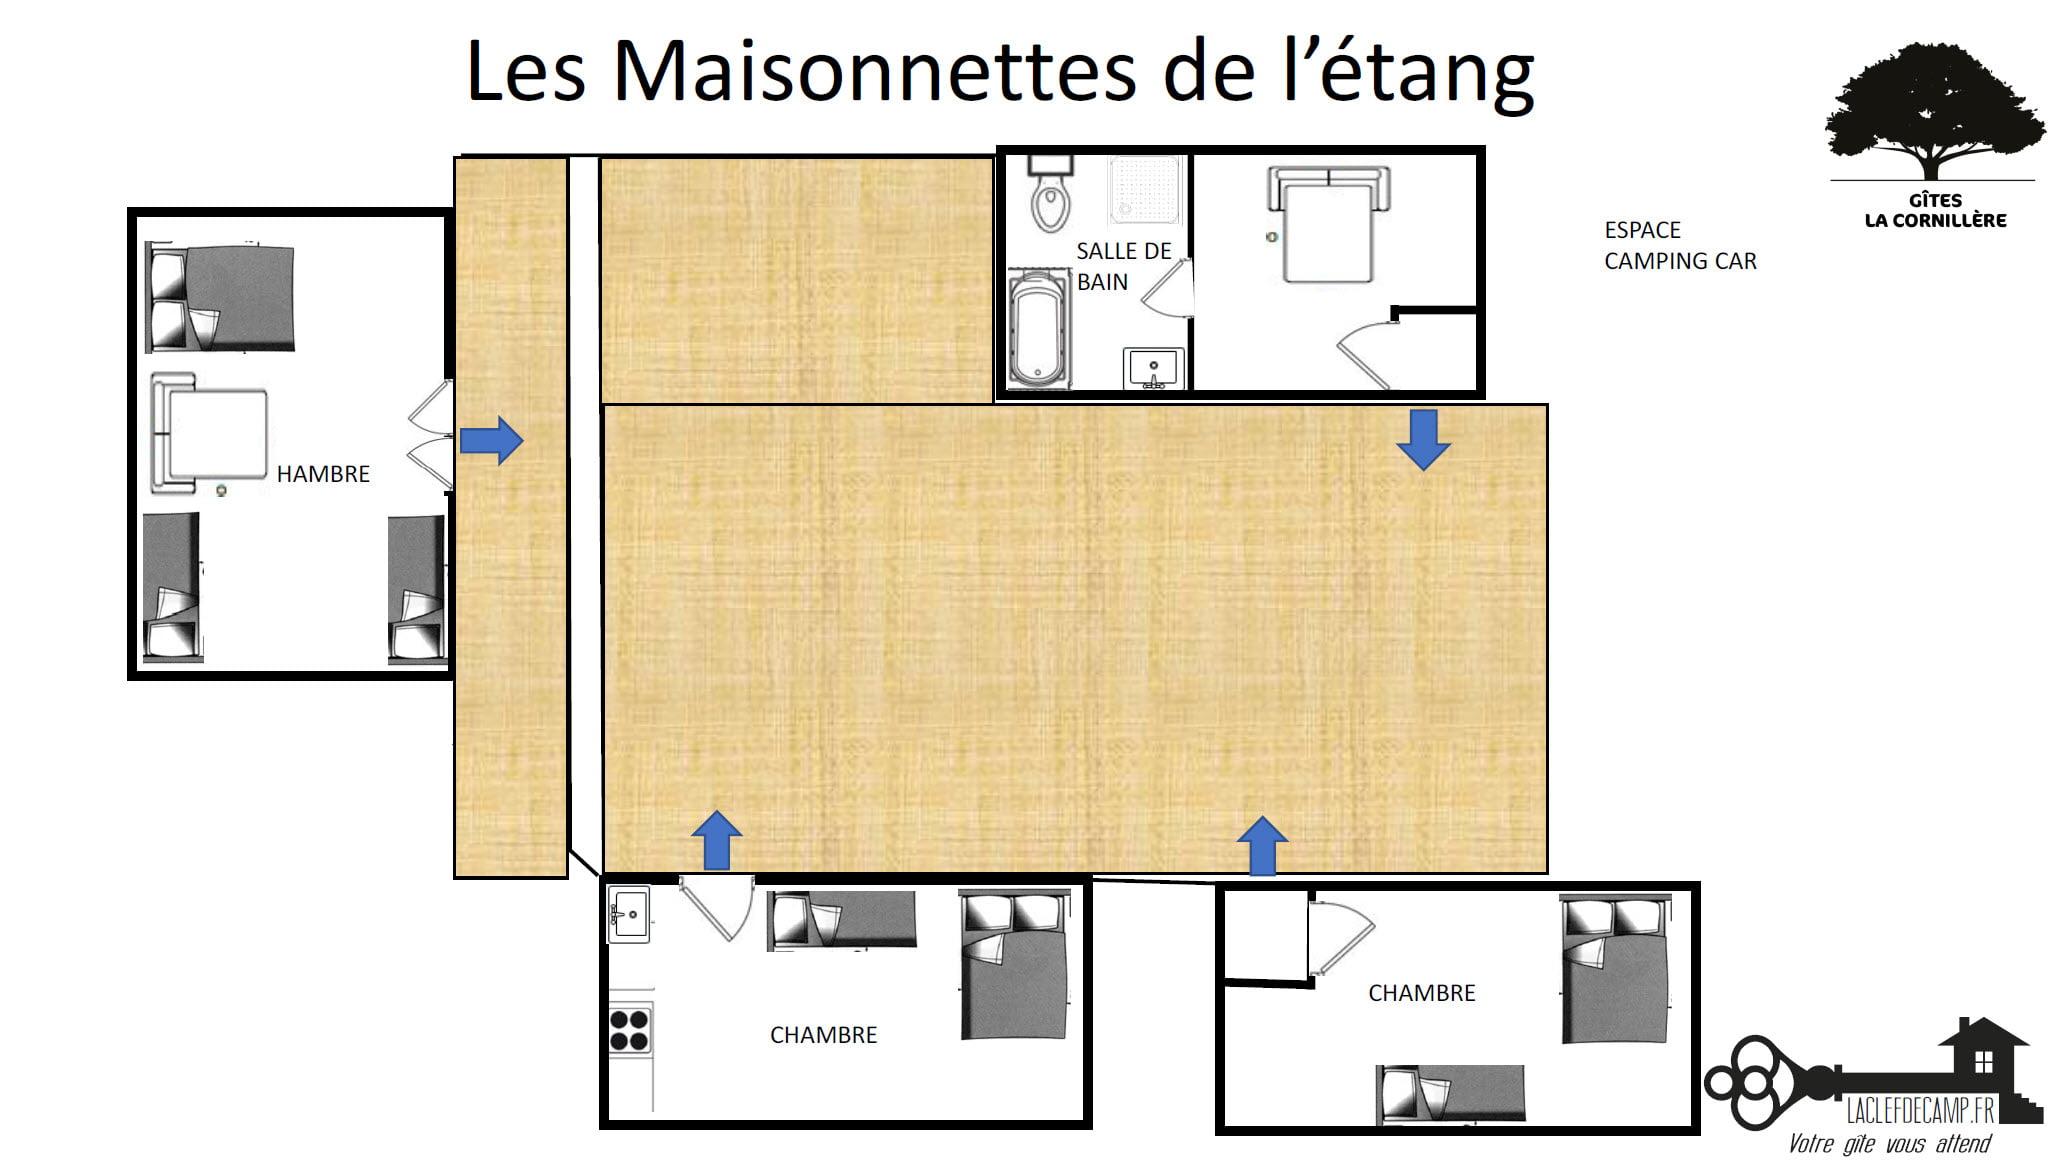 Les Cornielleres maisonnettes - Les Cornillières - Location de Gite La Clef Decamp - Laclefdecamp.fr